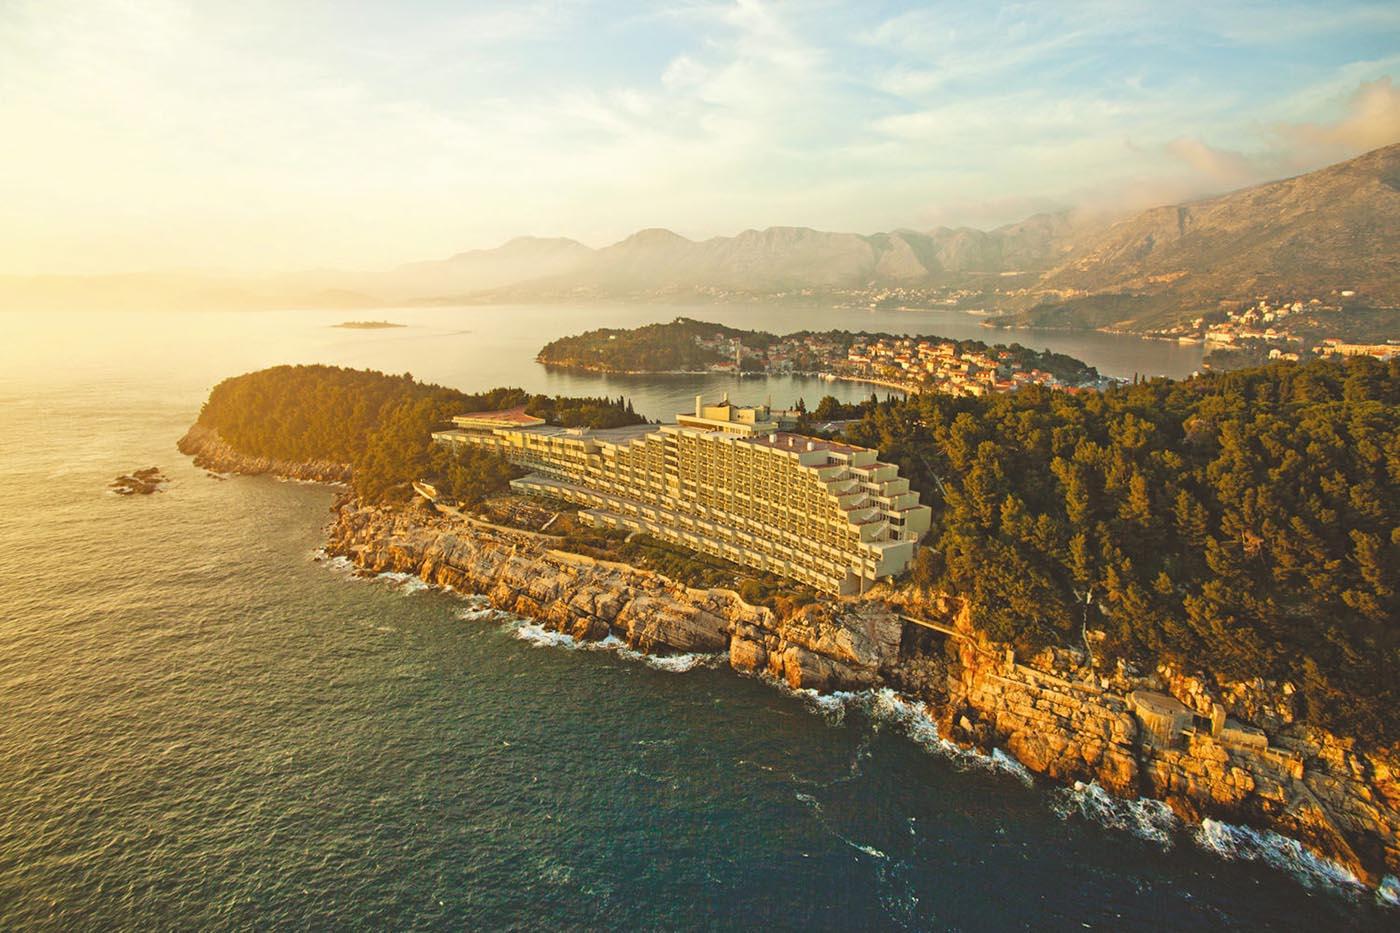 Aerial view of Cavtat & surrounding peninsula